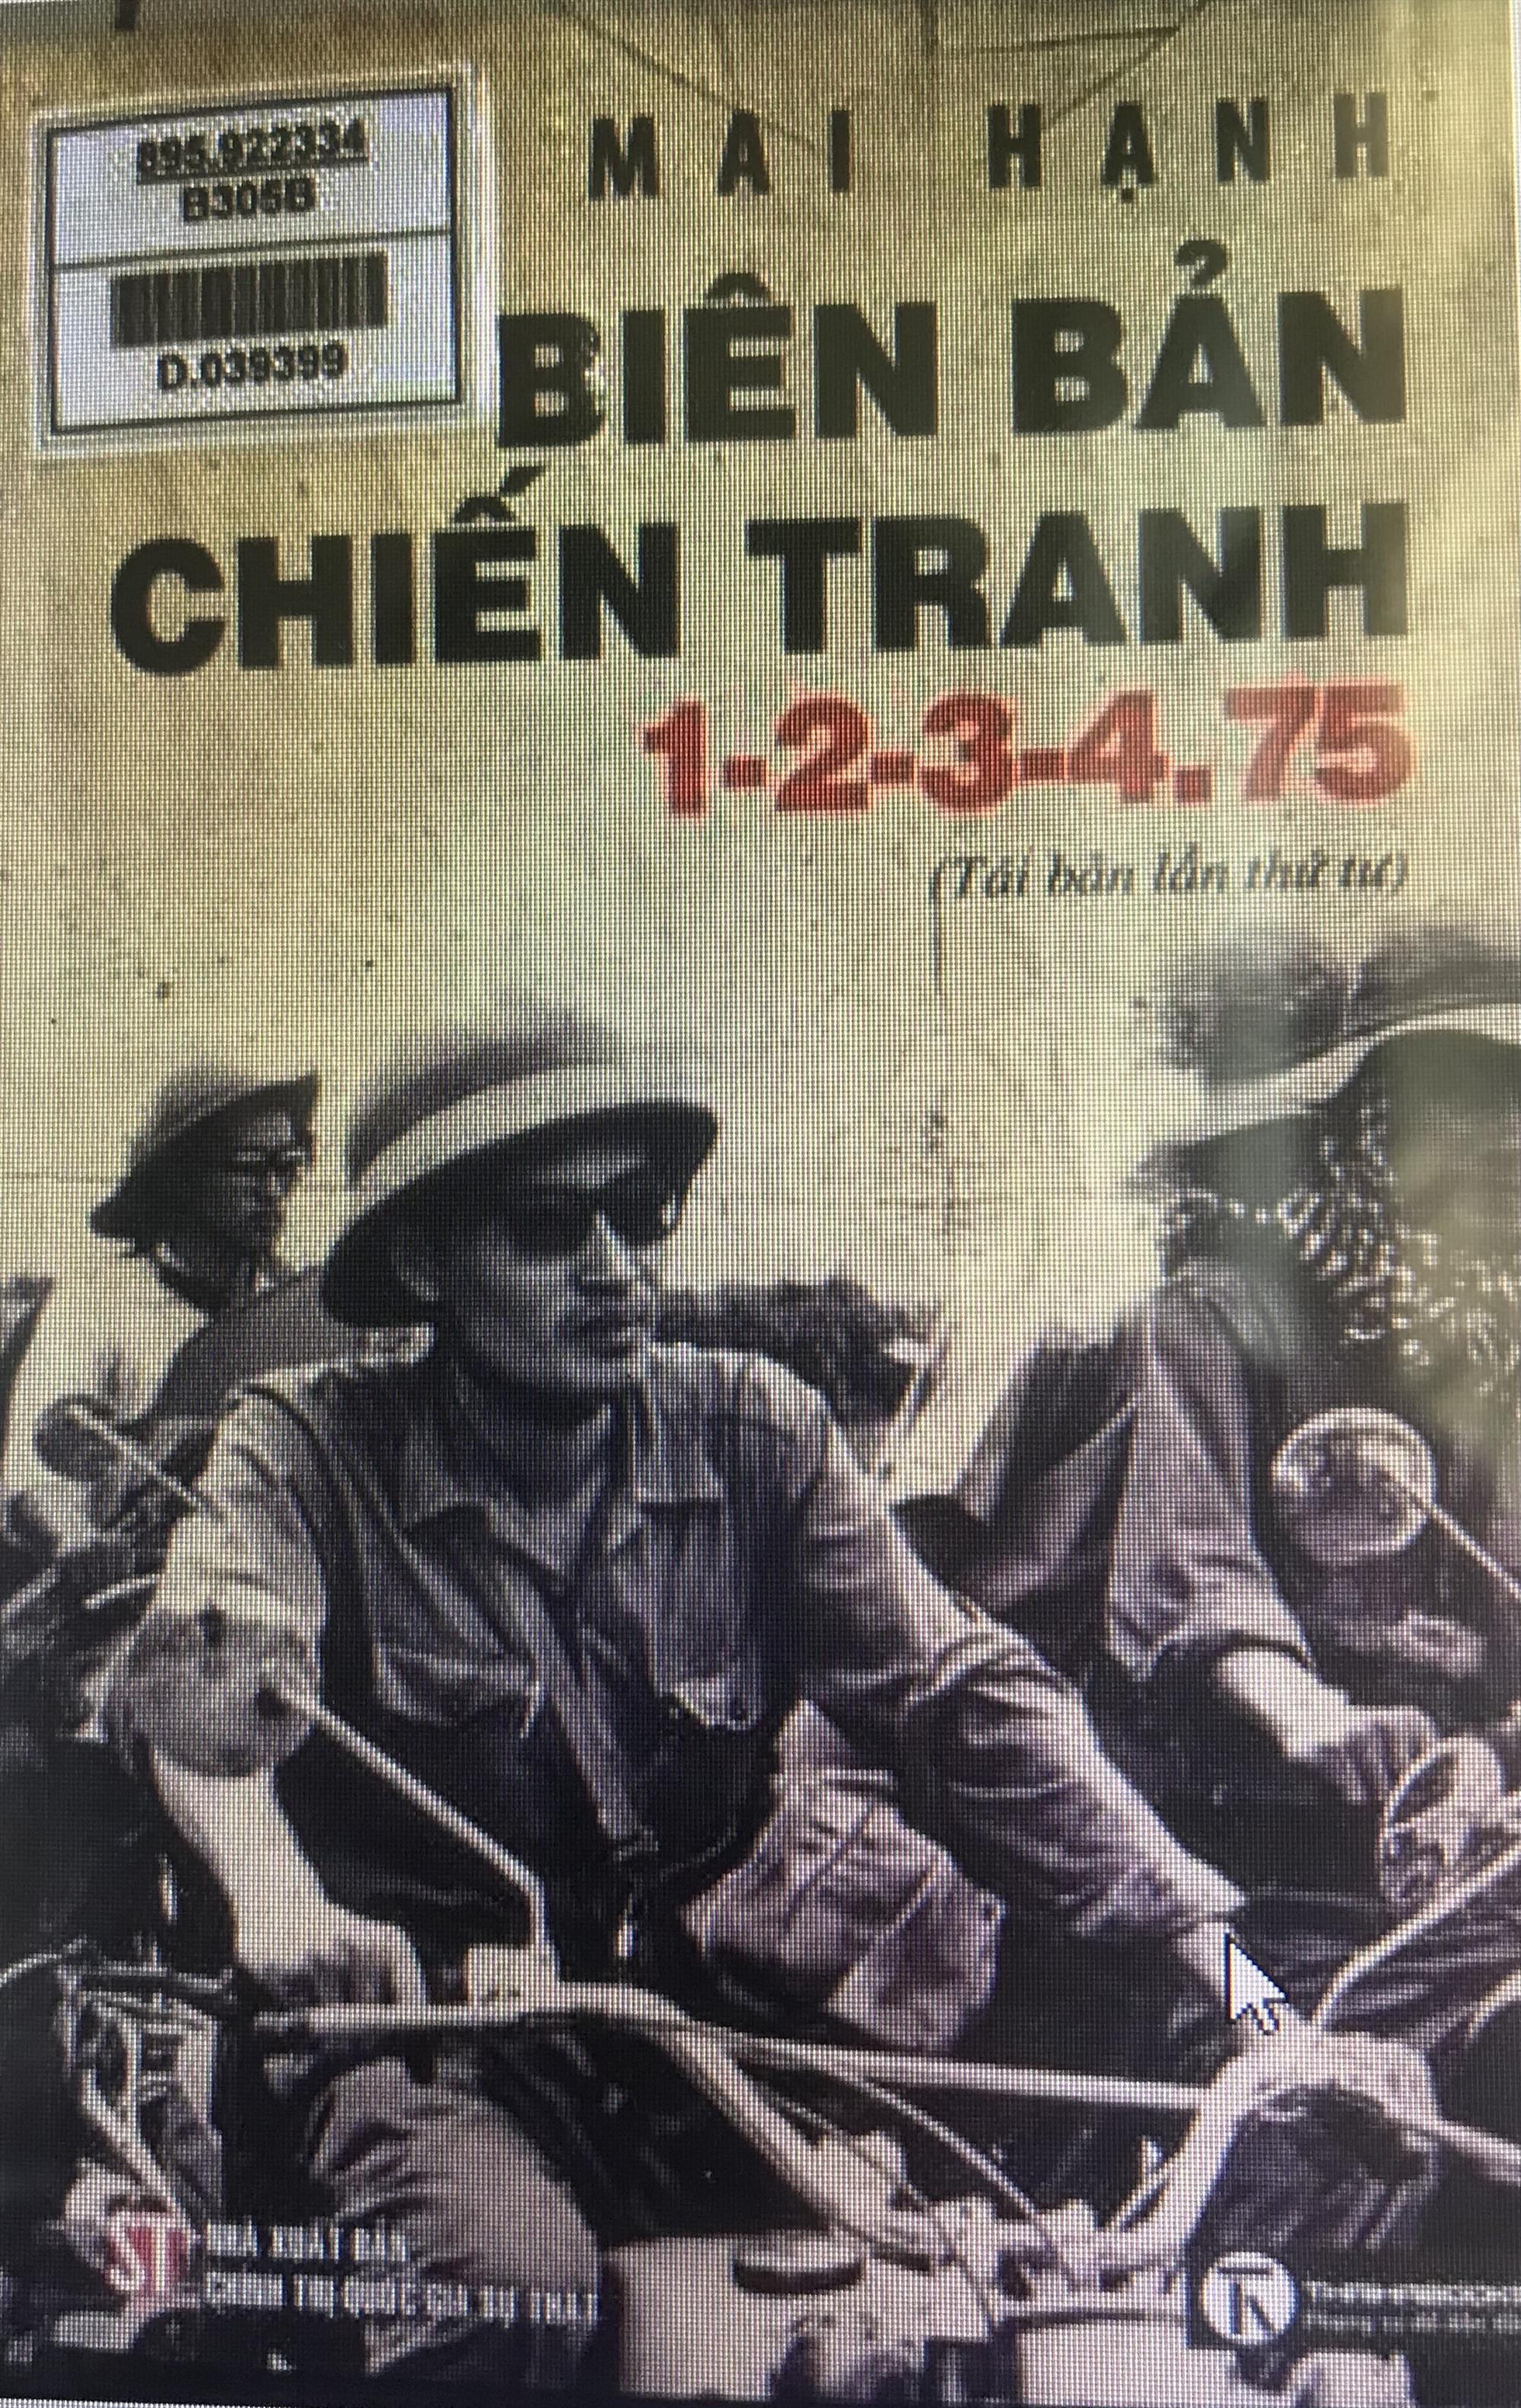 """Bìa tiểu thuyết """"Biên bản chiến tranh 1-2-3-4.1975"""". Nhà báo Trần Mai Hạnh - người đeo kính râm trong ảnh."""